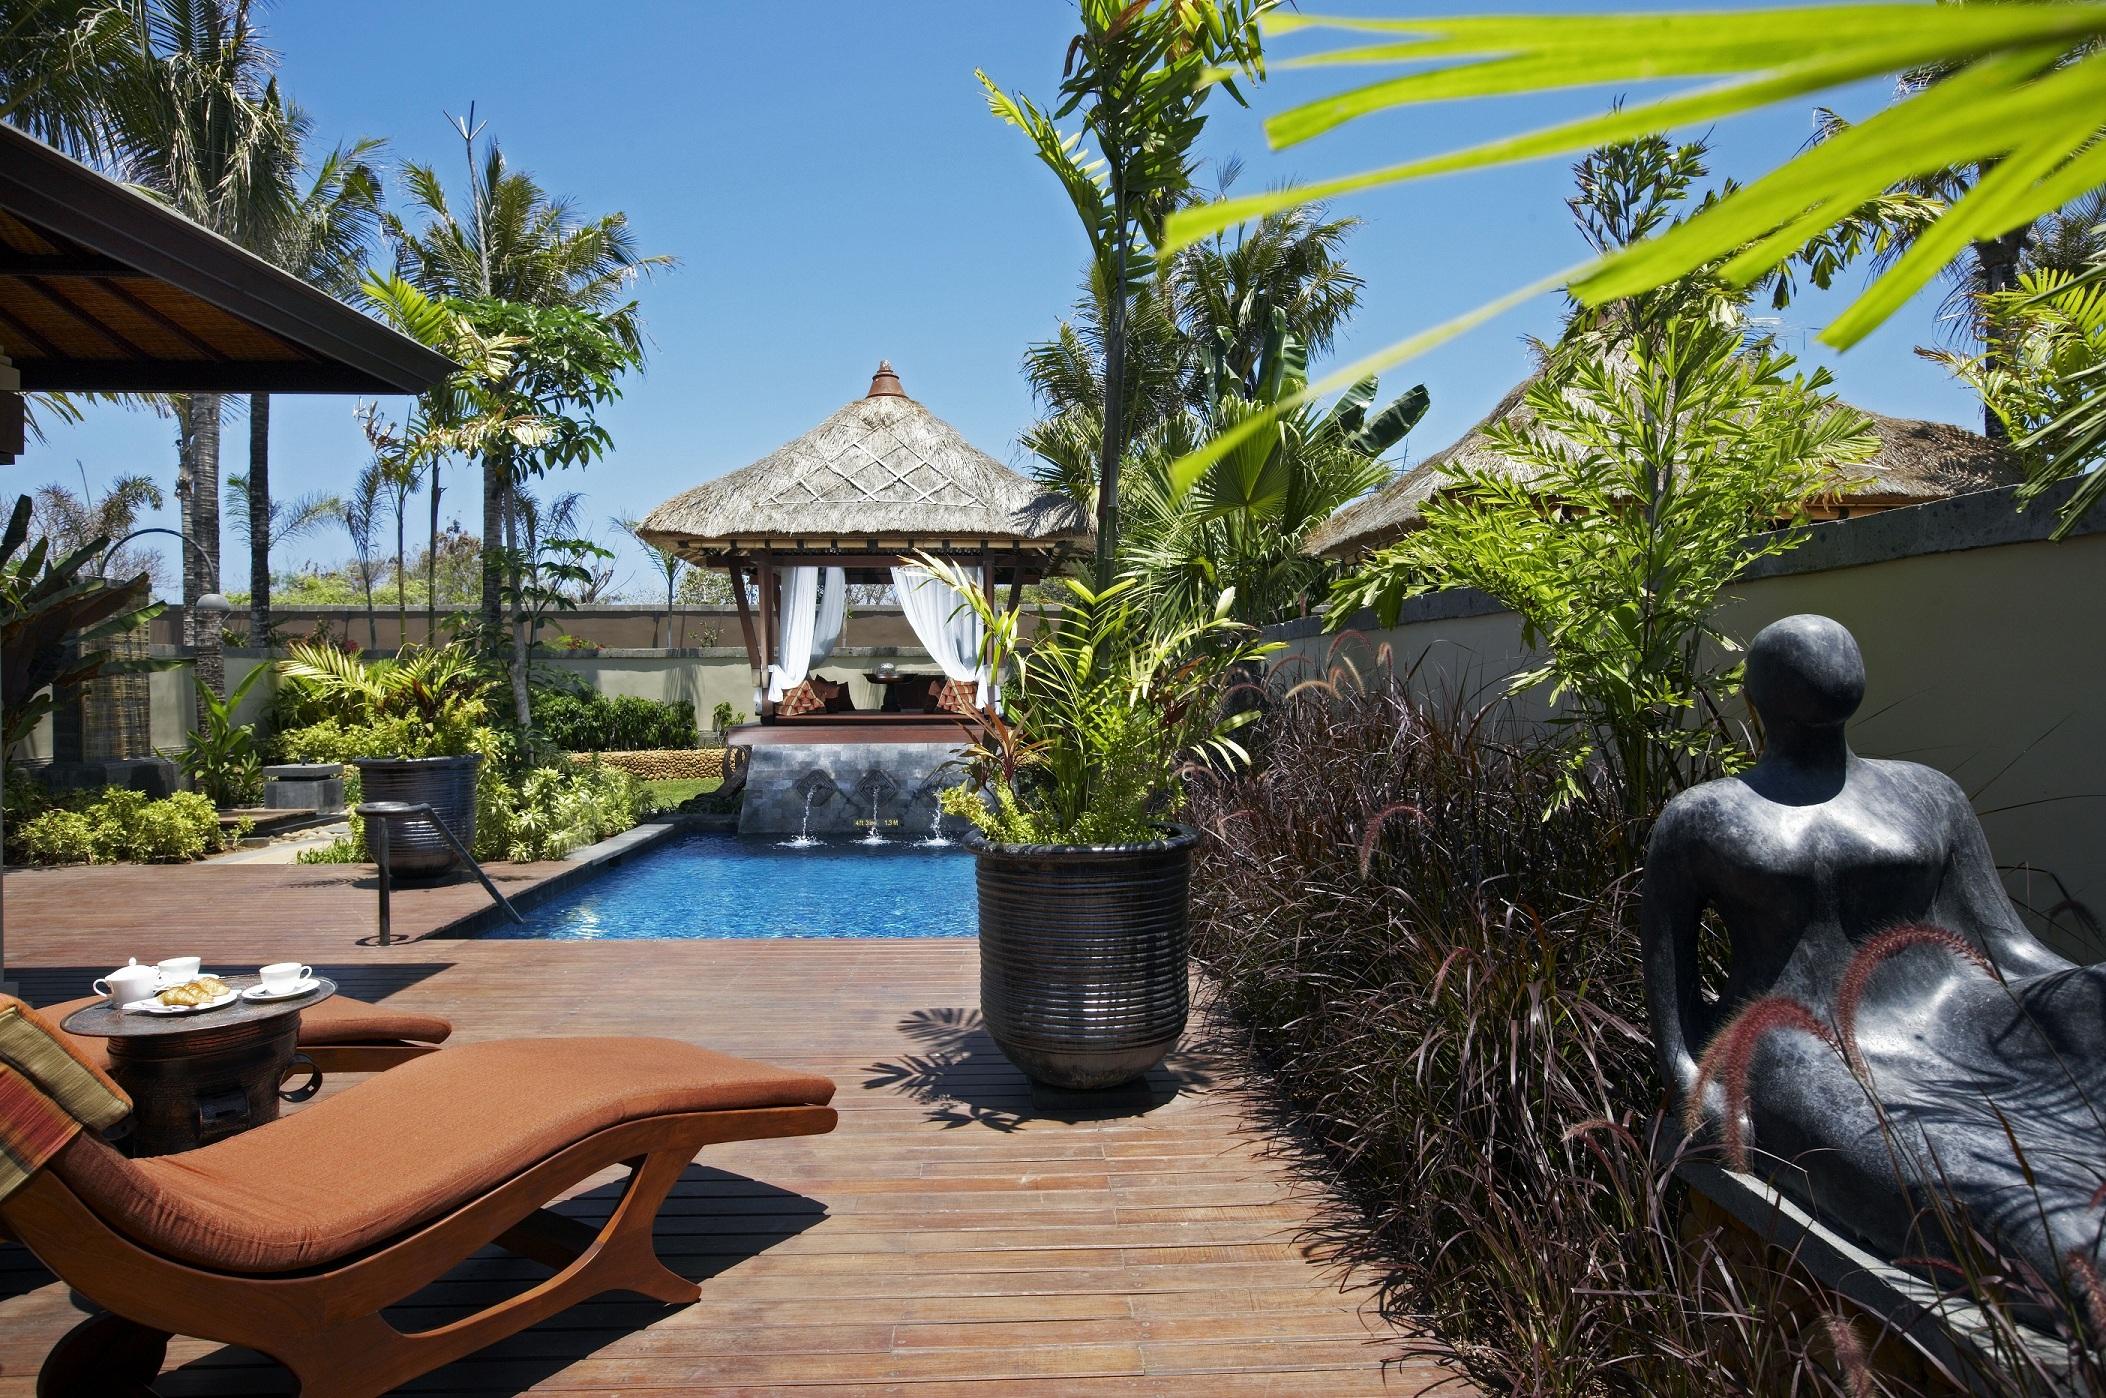 St_Regis_Bali_03.jpg